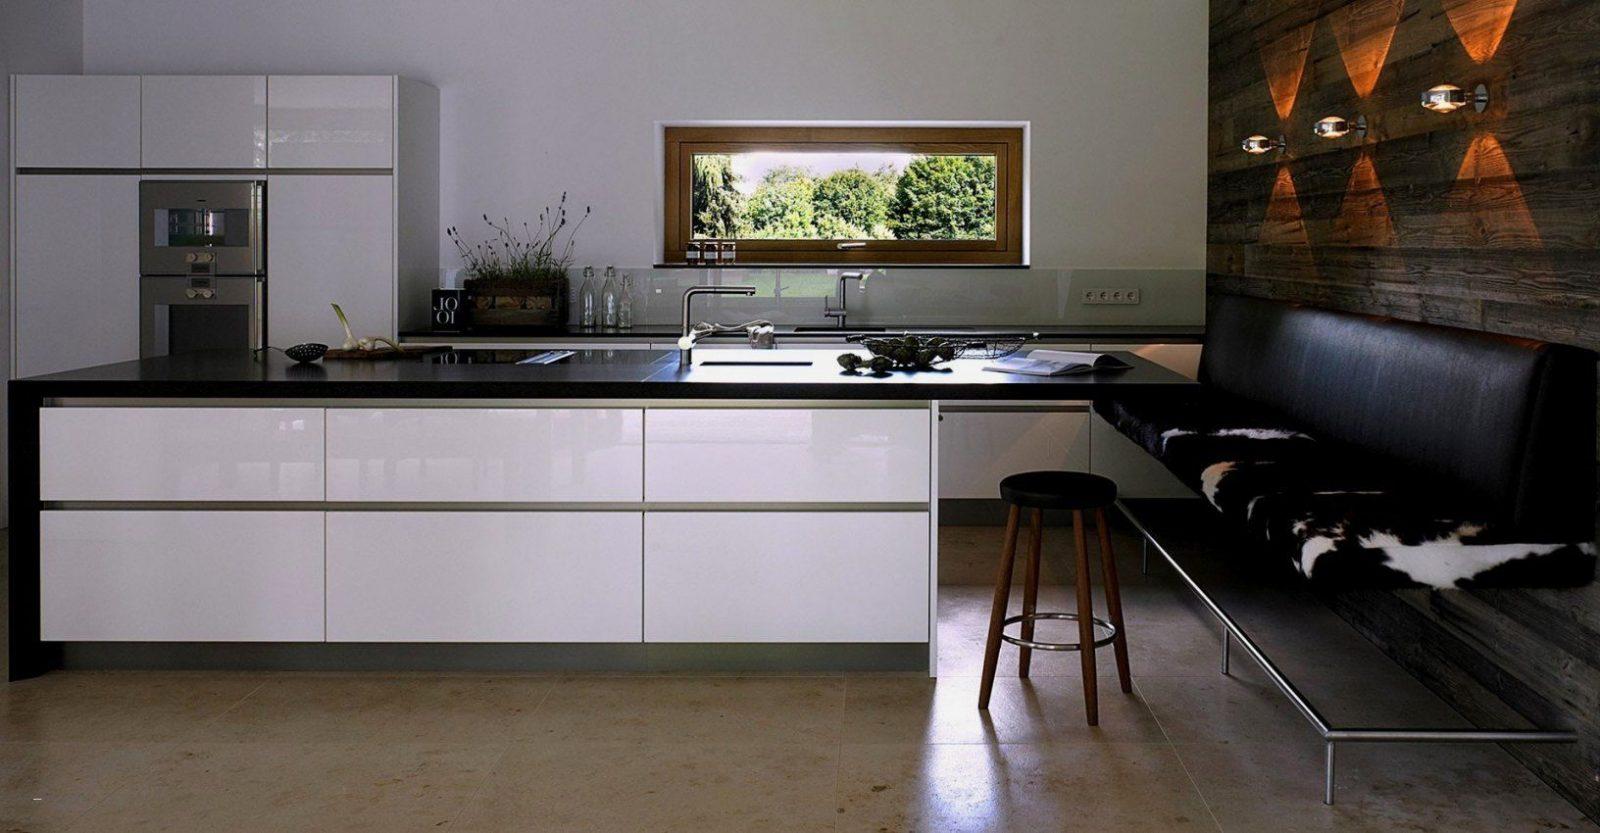 Eckbank Küche Selber Bauen Schön Beautiful Küche Aus Paletten Bauen ...